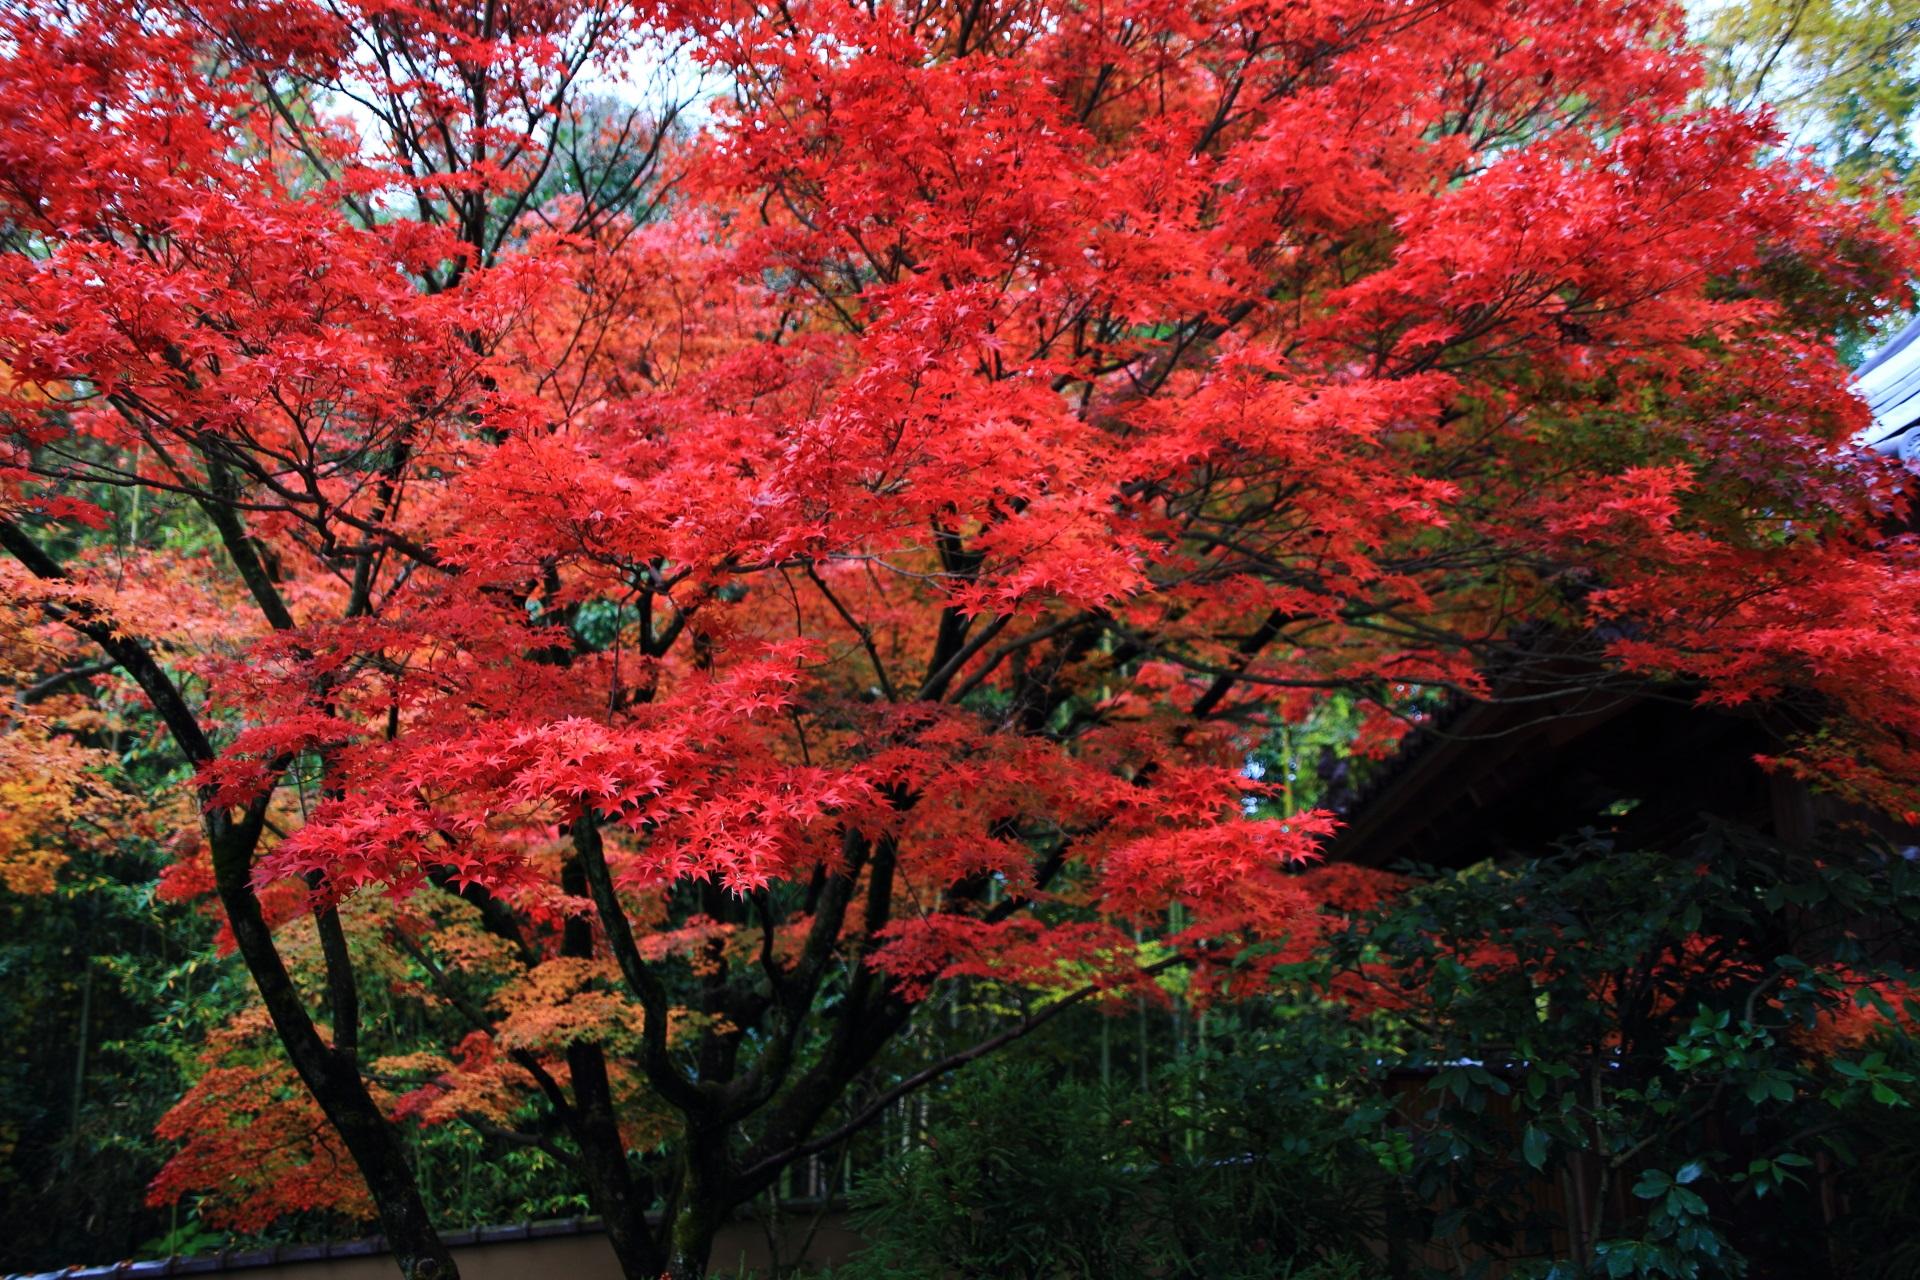 光悦寺の参道を華やぐ真っ赤に色づいた紅葉